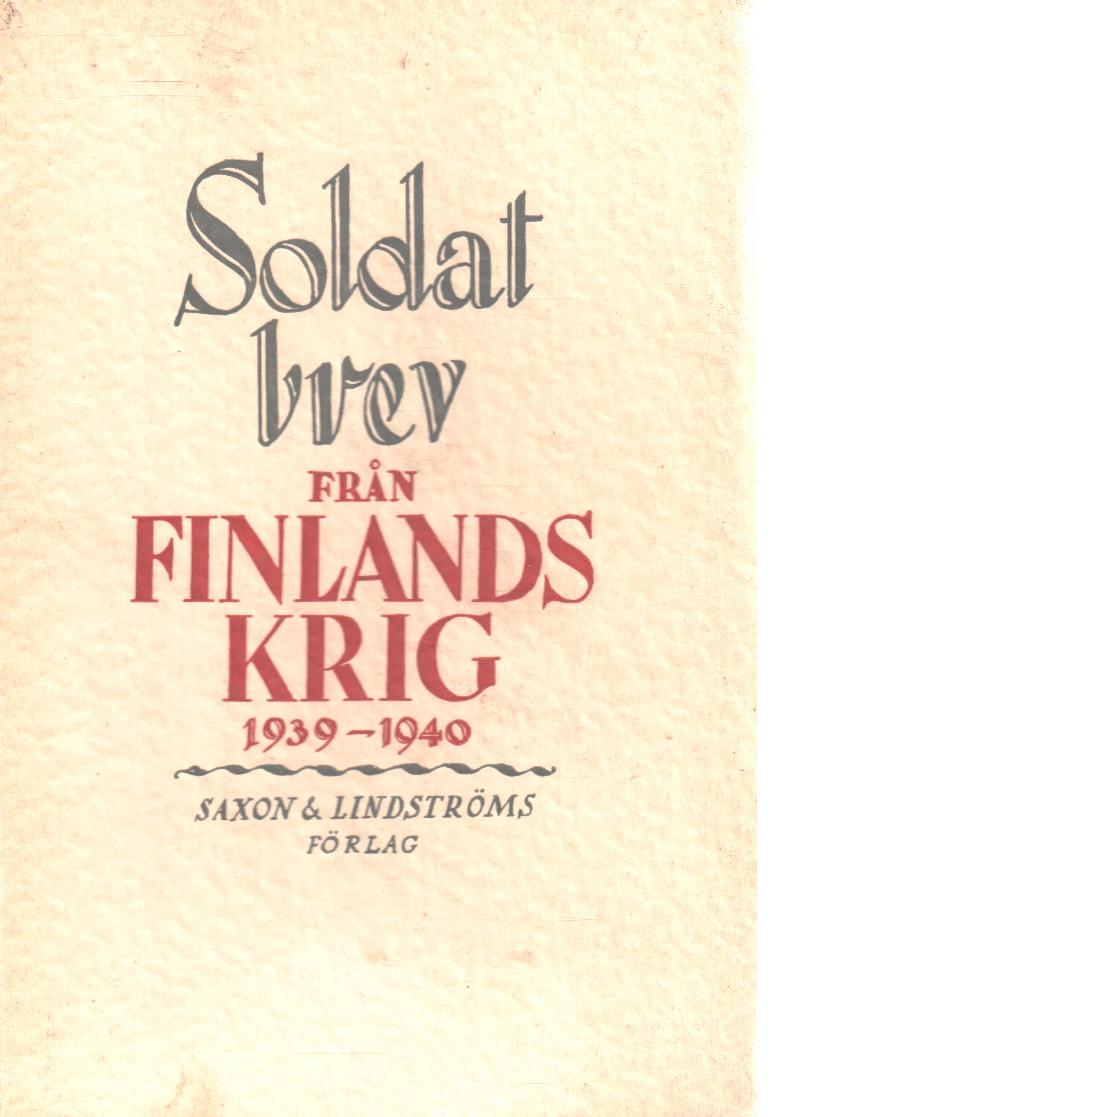 Soldatbrev från Finlands krig 1939-1940 - Red.